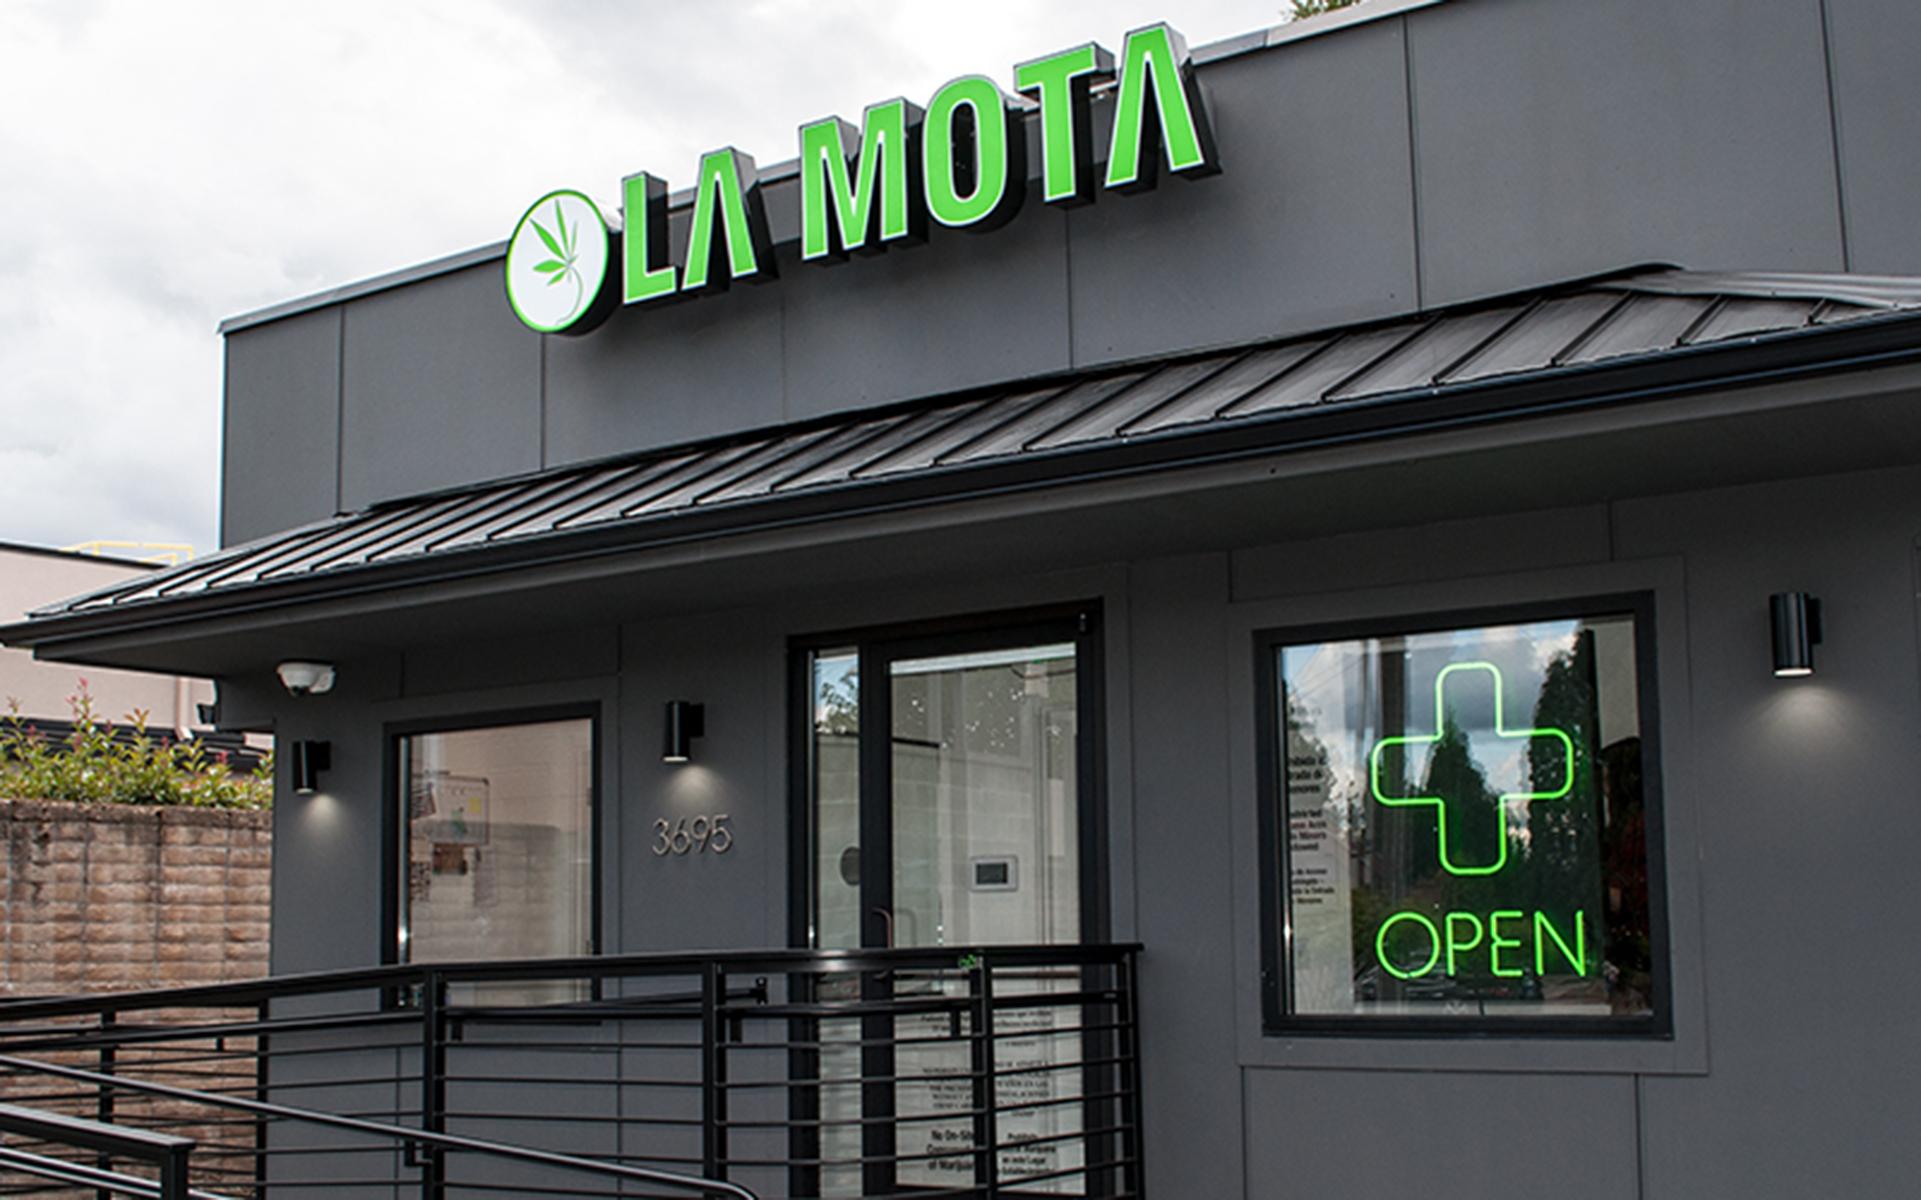 La Mota Beaverton Oregon Marijuana Dispensary — Leafly List Spring 2017